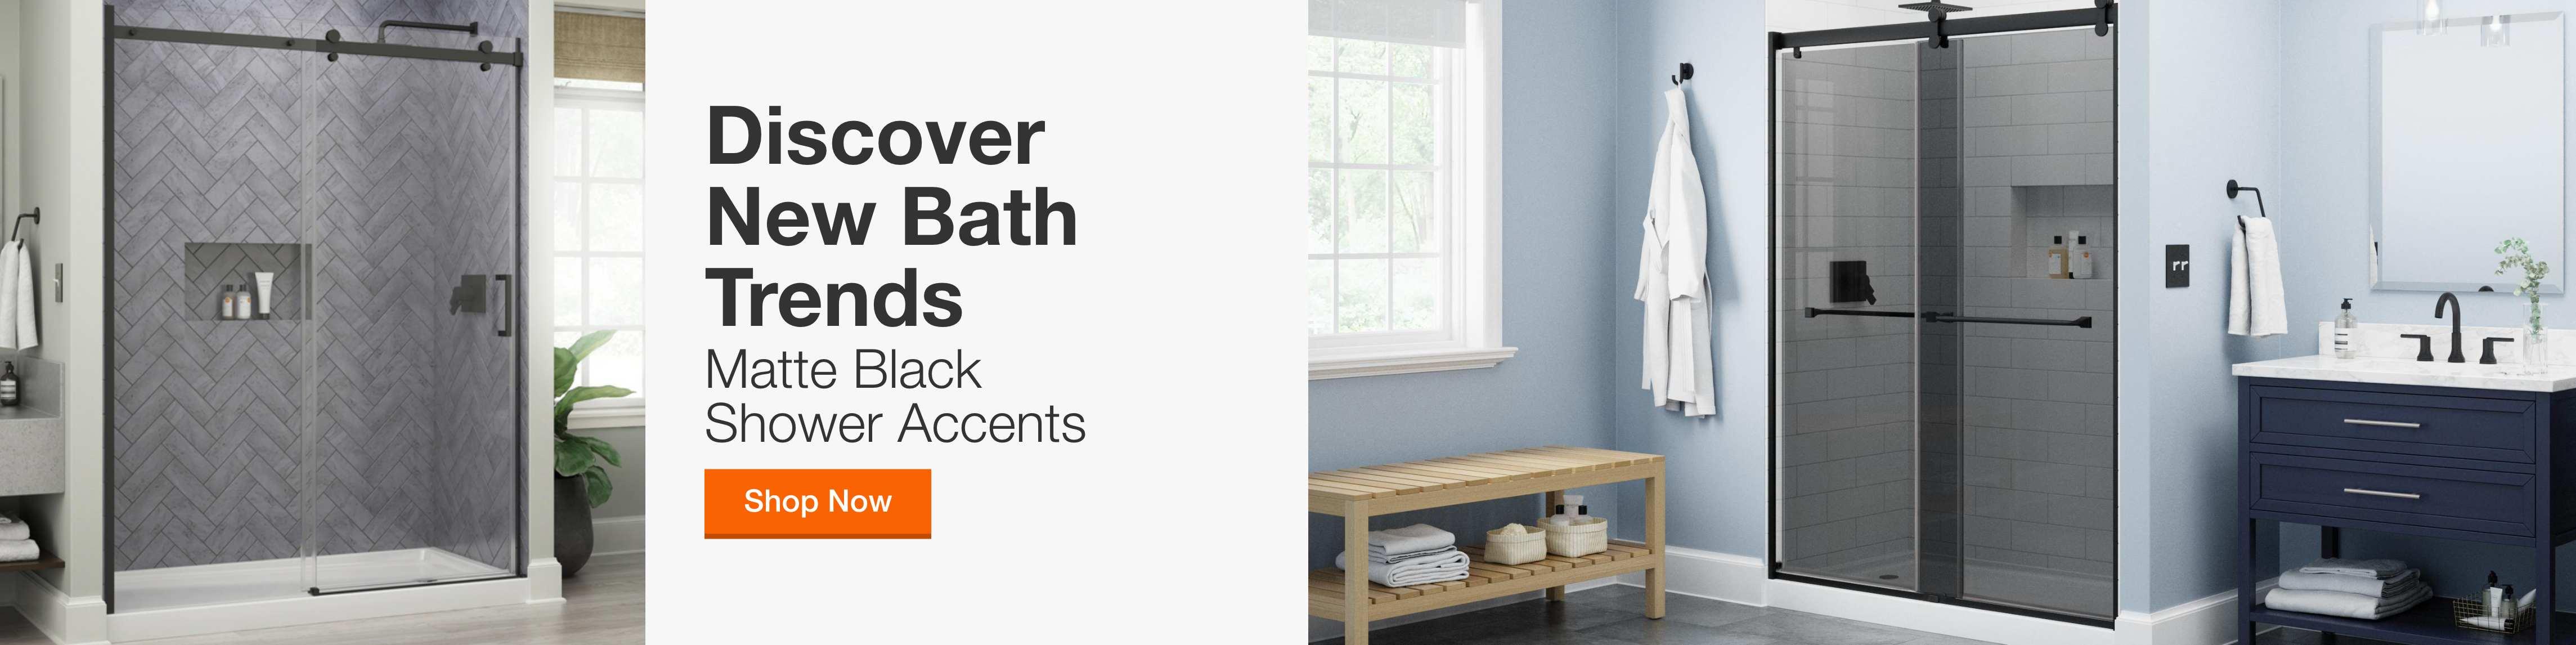 Discover new Bath trends Matte Black Shower Accents shop now